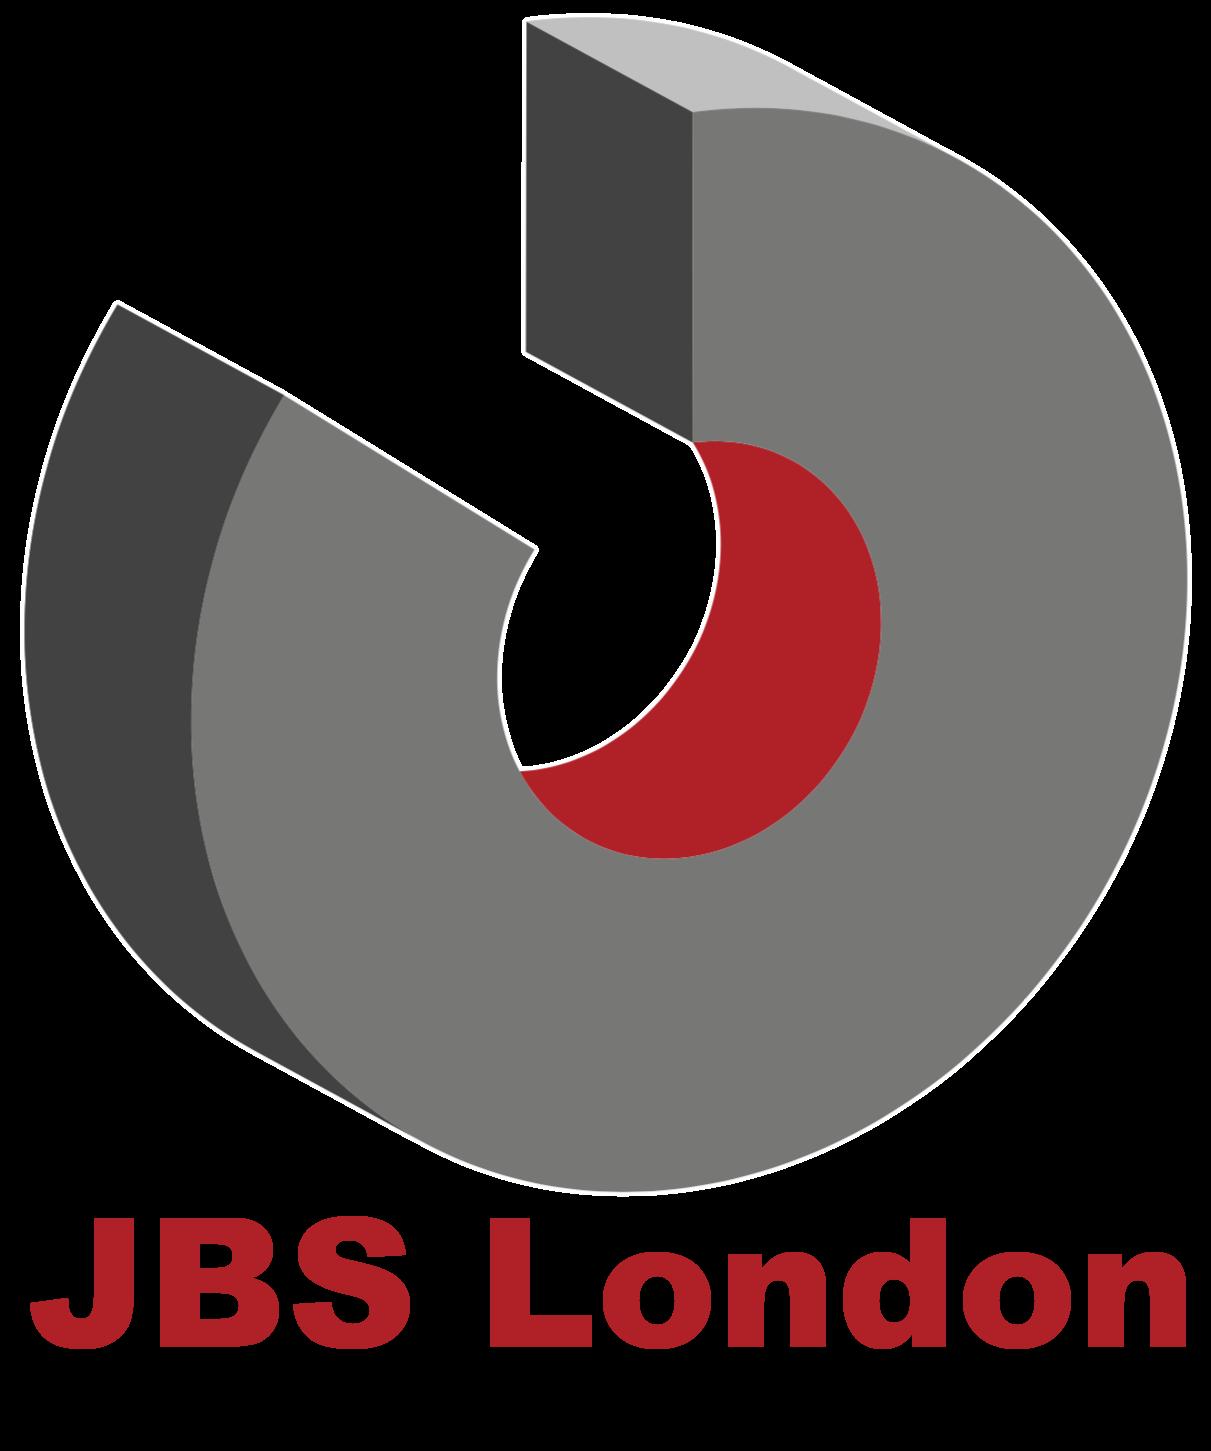 JBS London Ltd